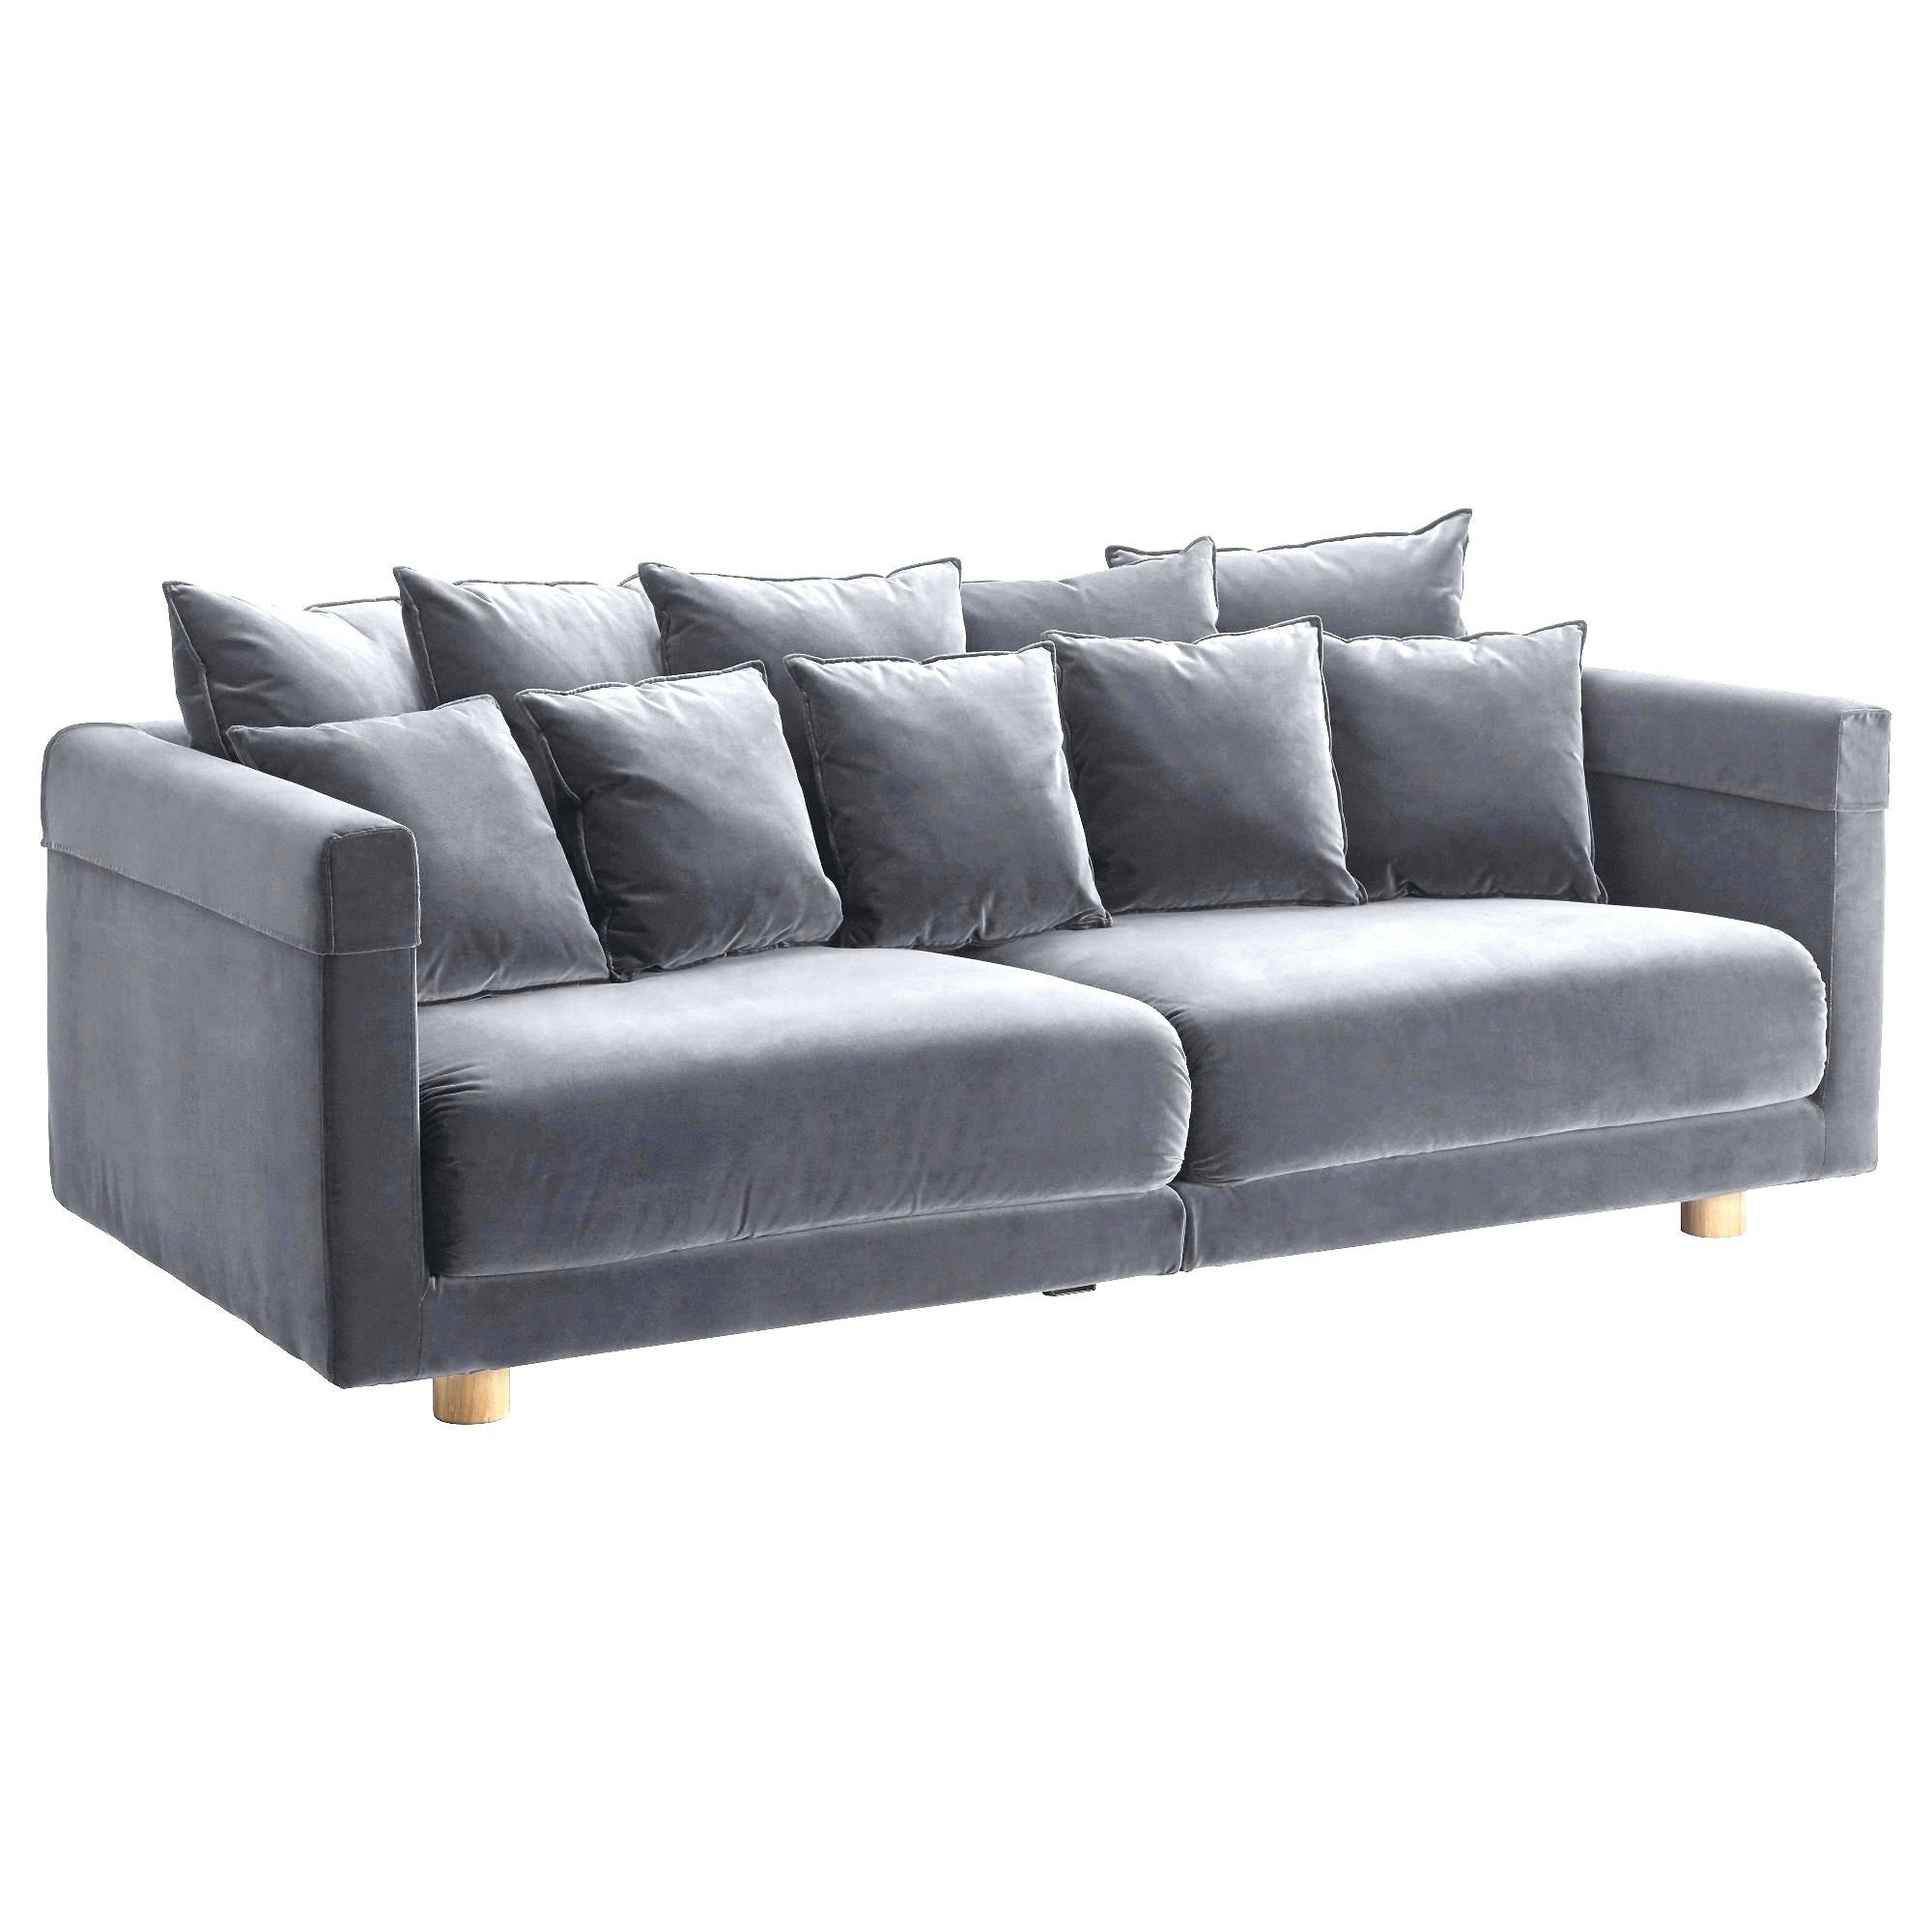 Fundas sofa Baratas Carrefour E6d5 Hermosa Fundas Para sofas Carrefour Decoracià N Hogareà A